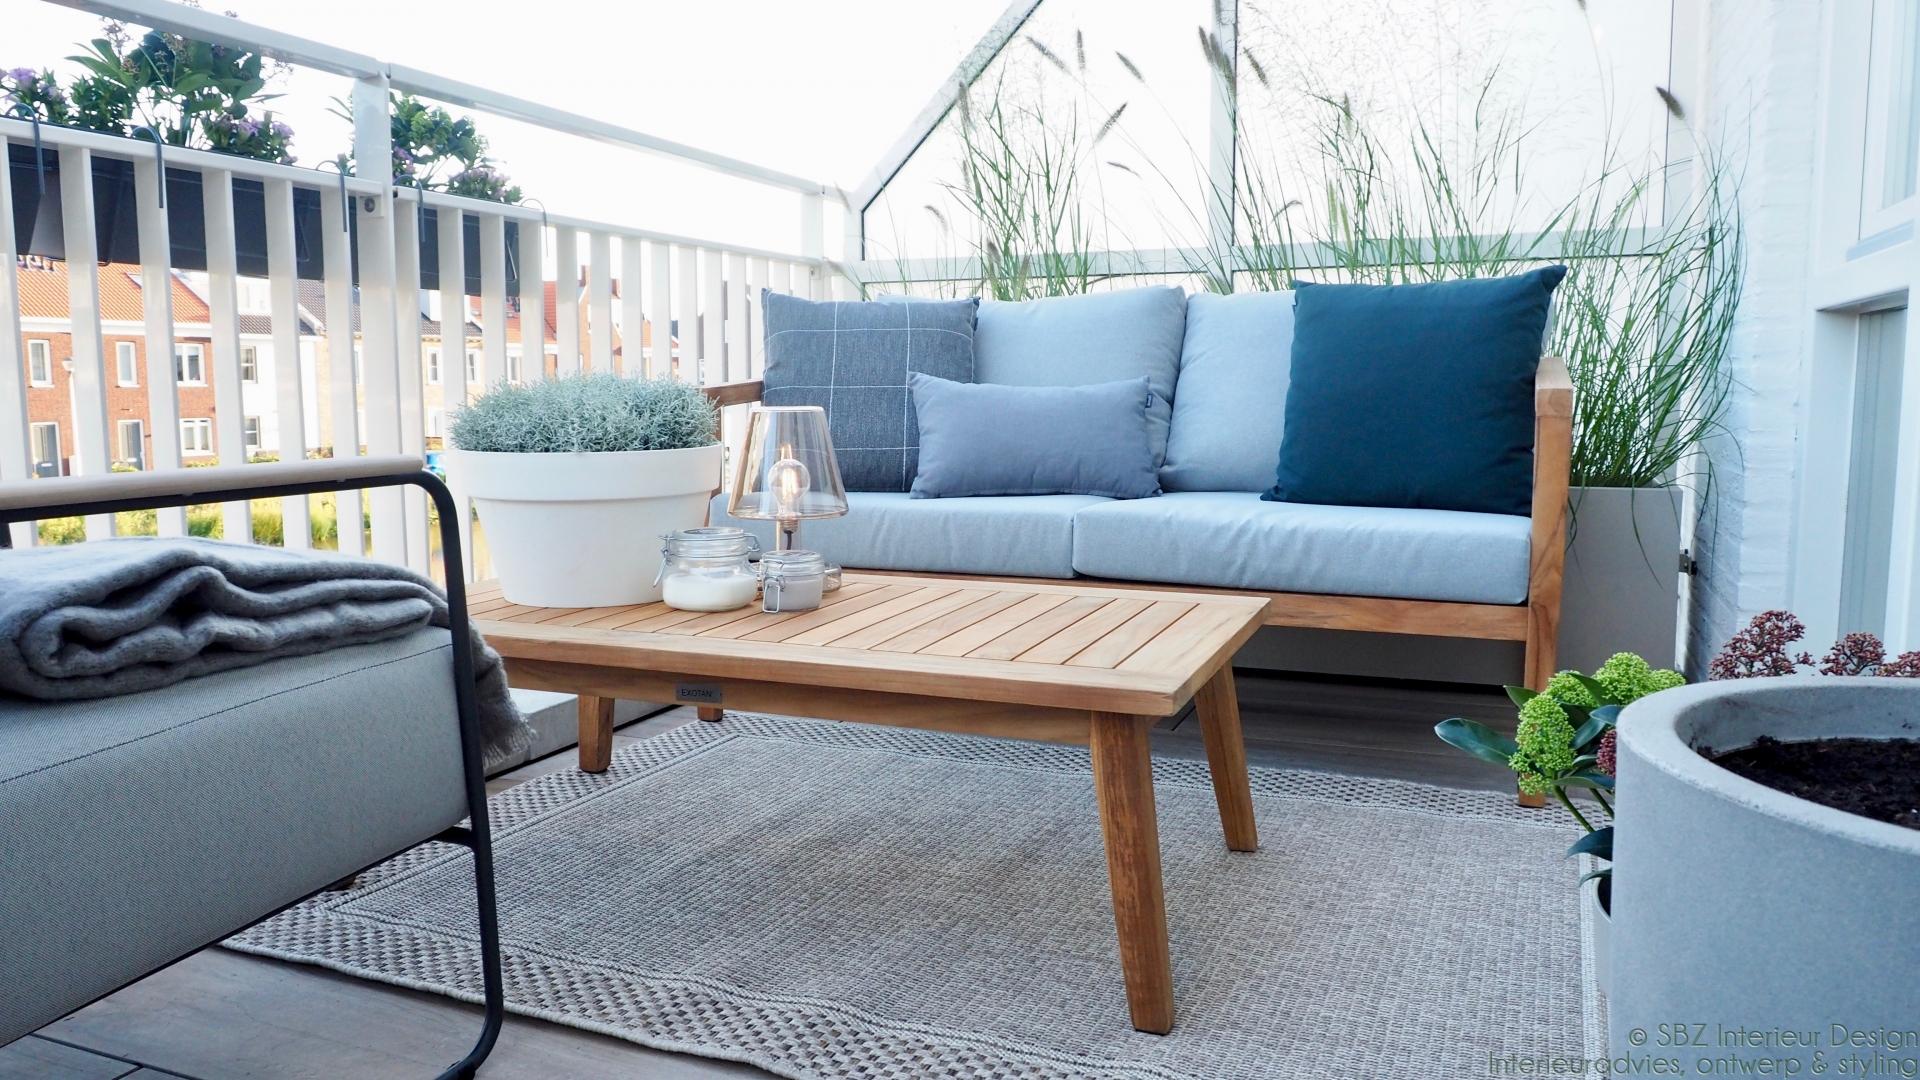 Ontwerp en interieur project balkon Ackerswoude Brinkrijk © SBZ Interieur Design advies – ontwerp- interieur realisatie en styling – sbzinterieurdesign.nl 184